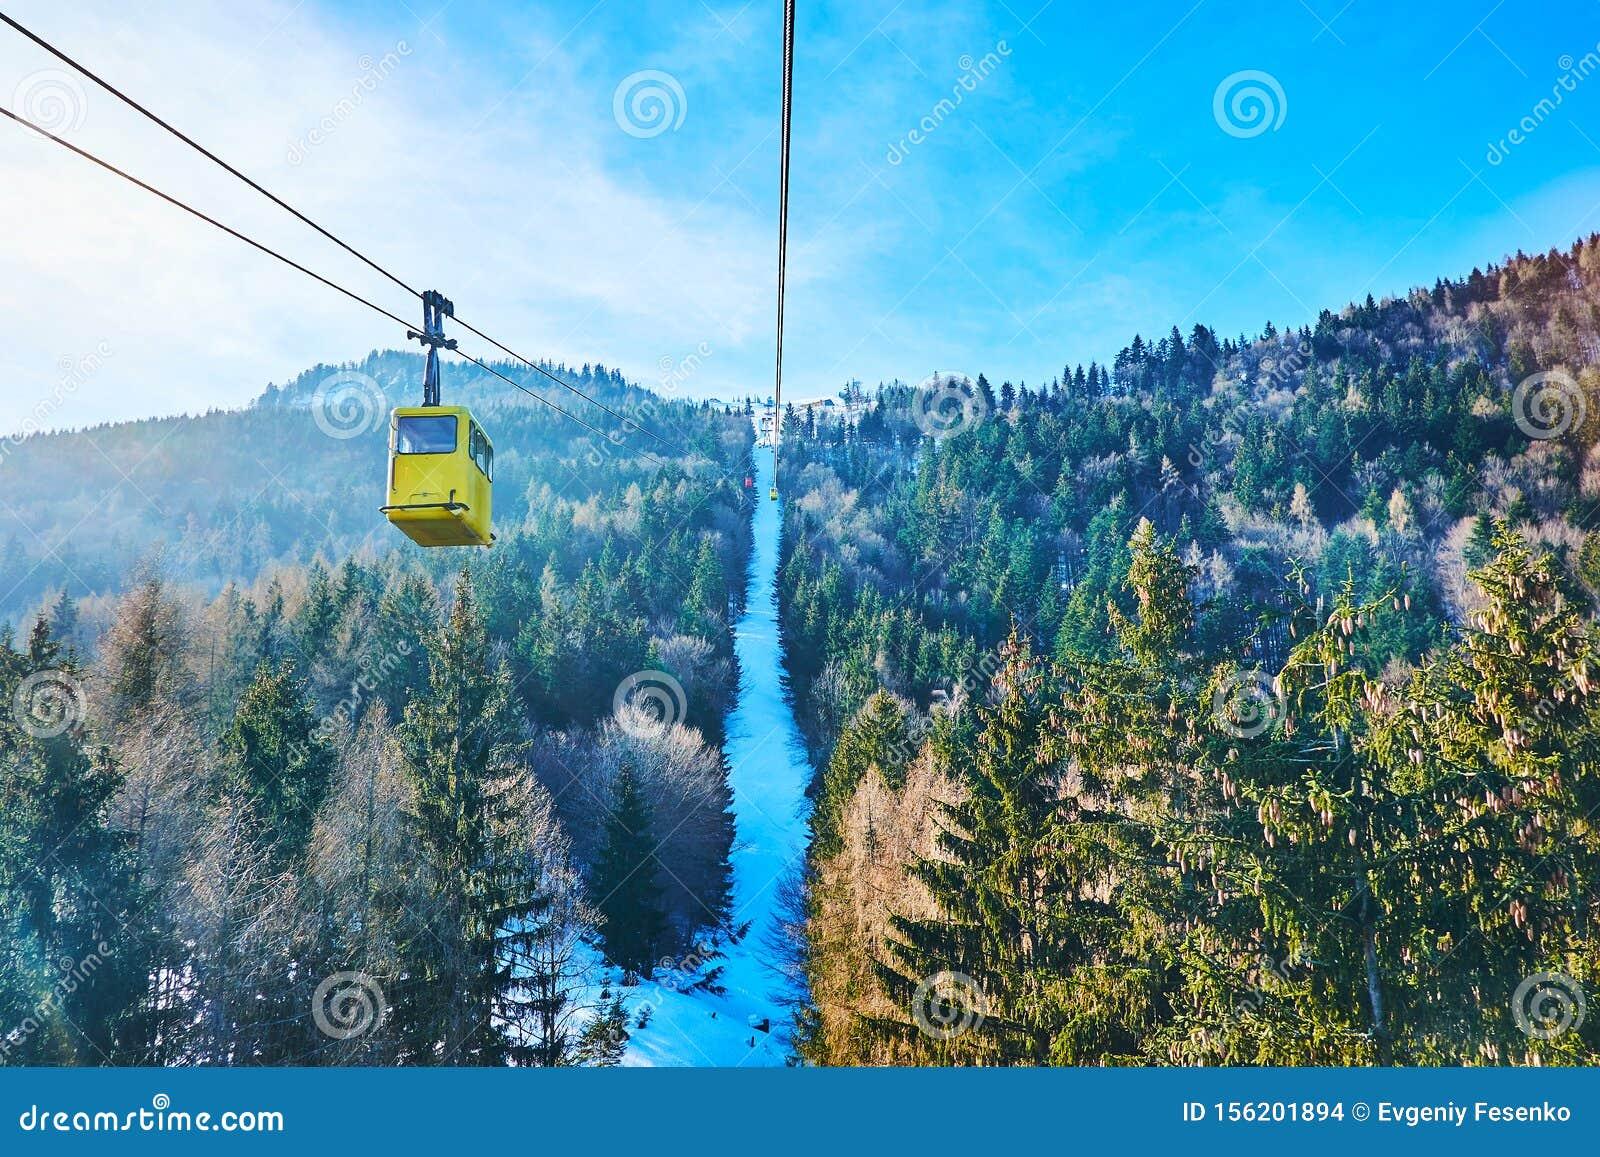 St Gilgen cable car, Salzkammergut, Austria